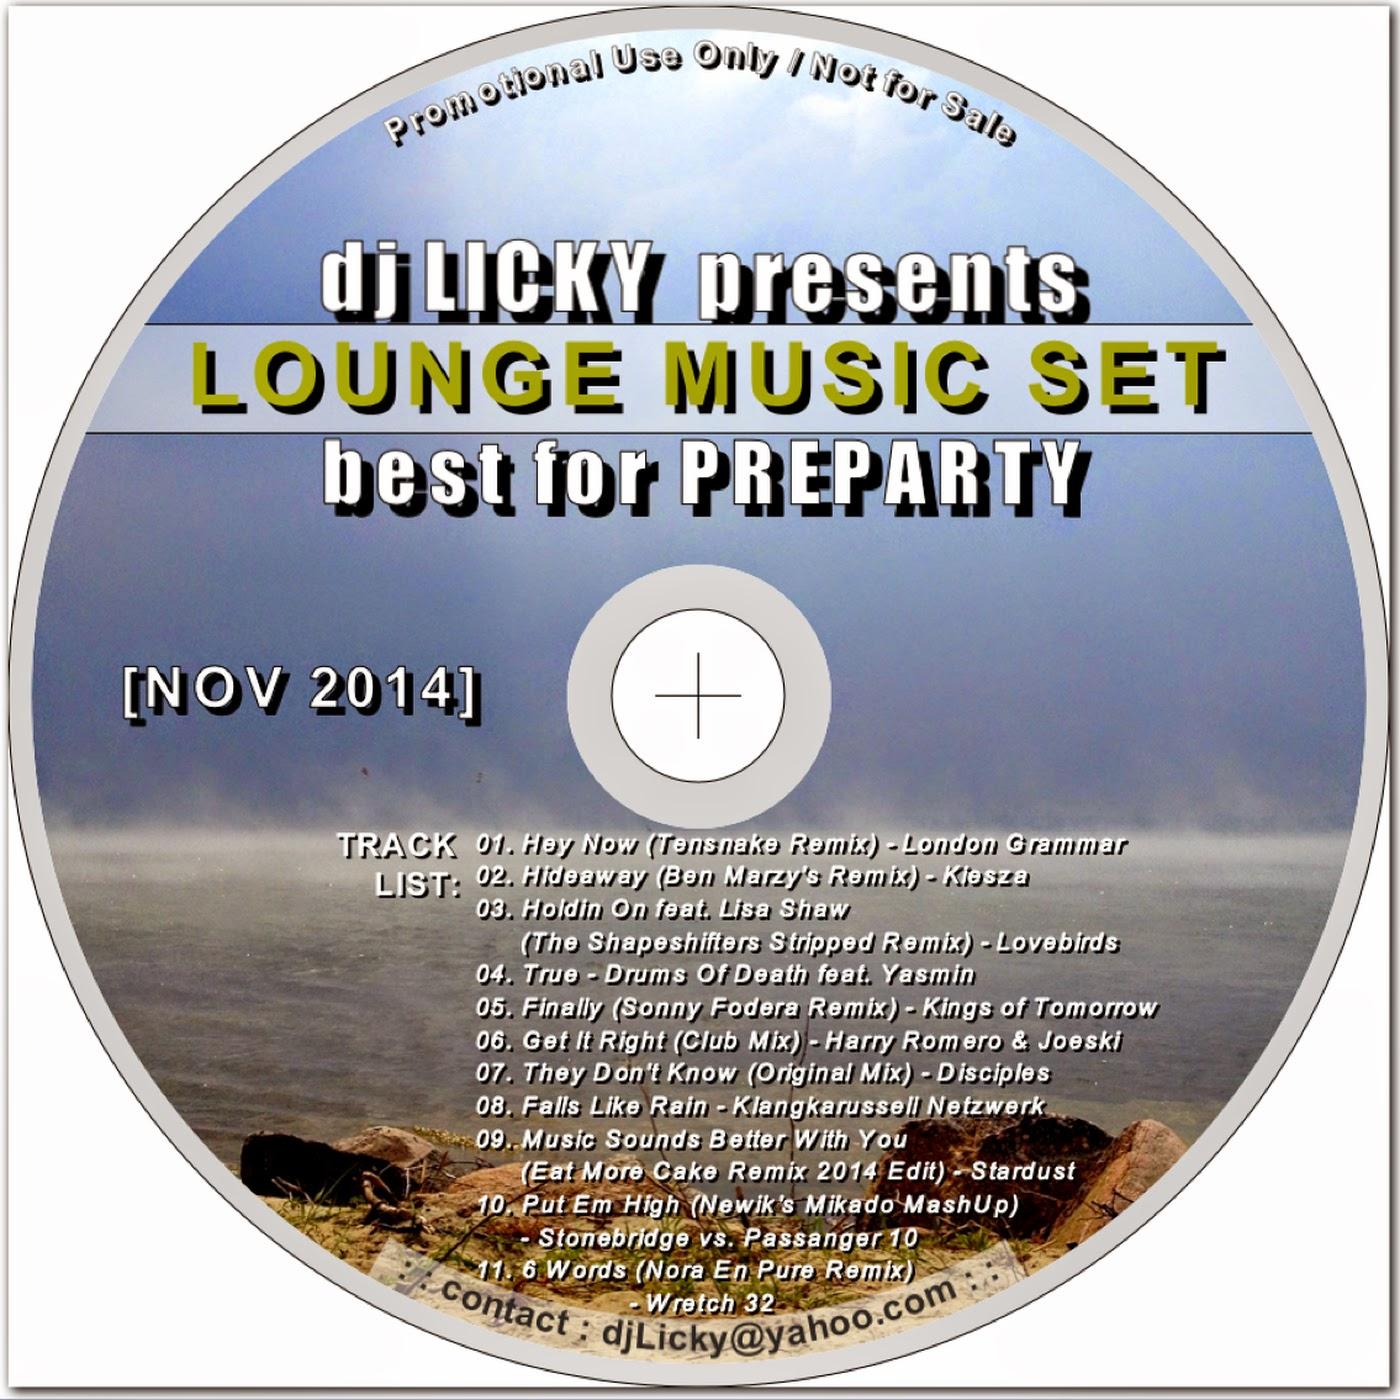 Lounge Music Set by dj Licky [Nov 2014]